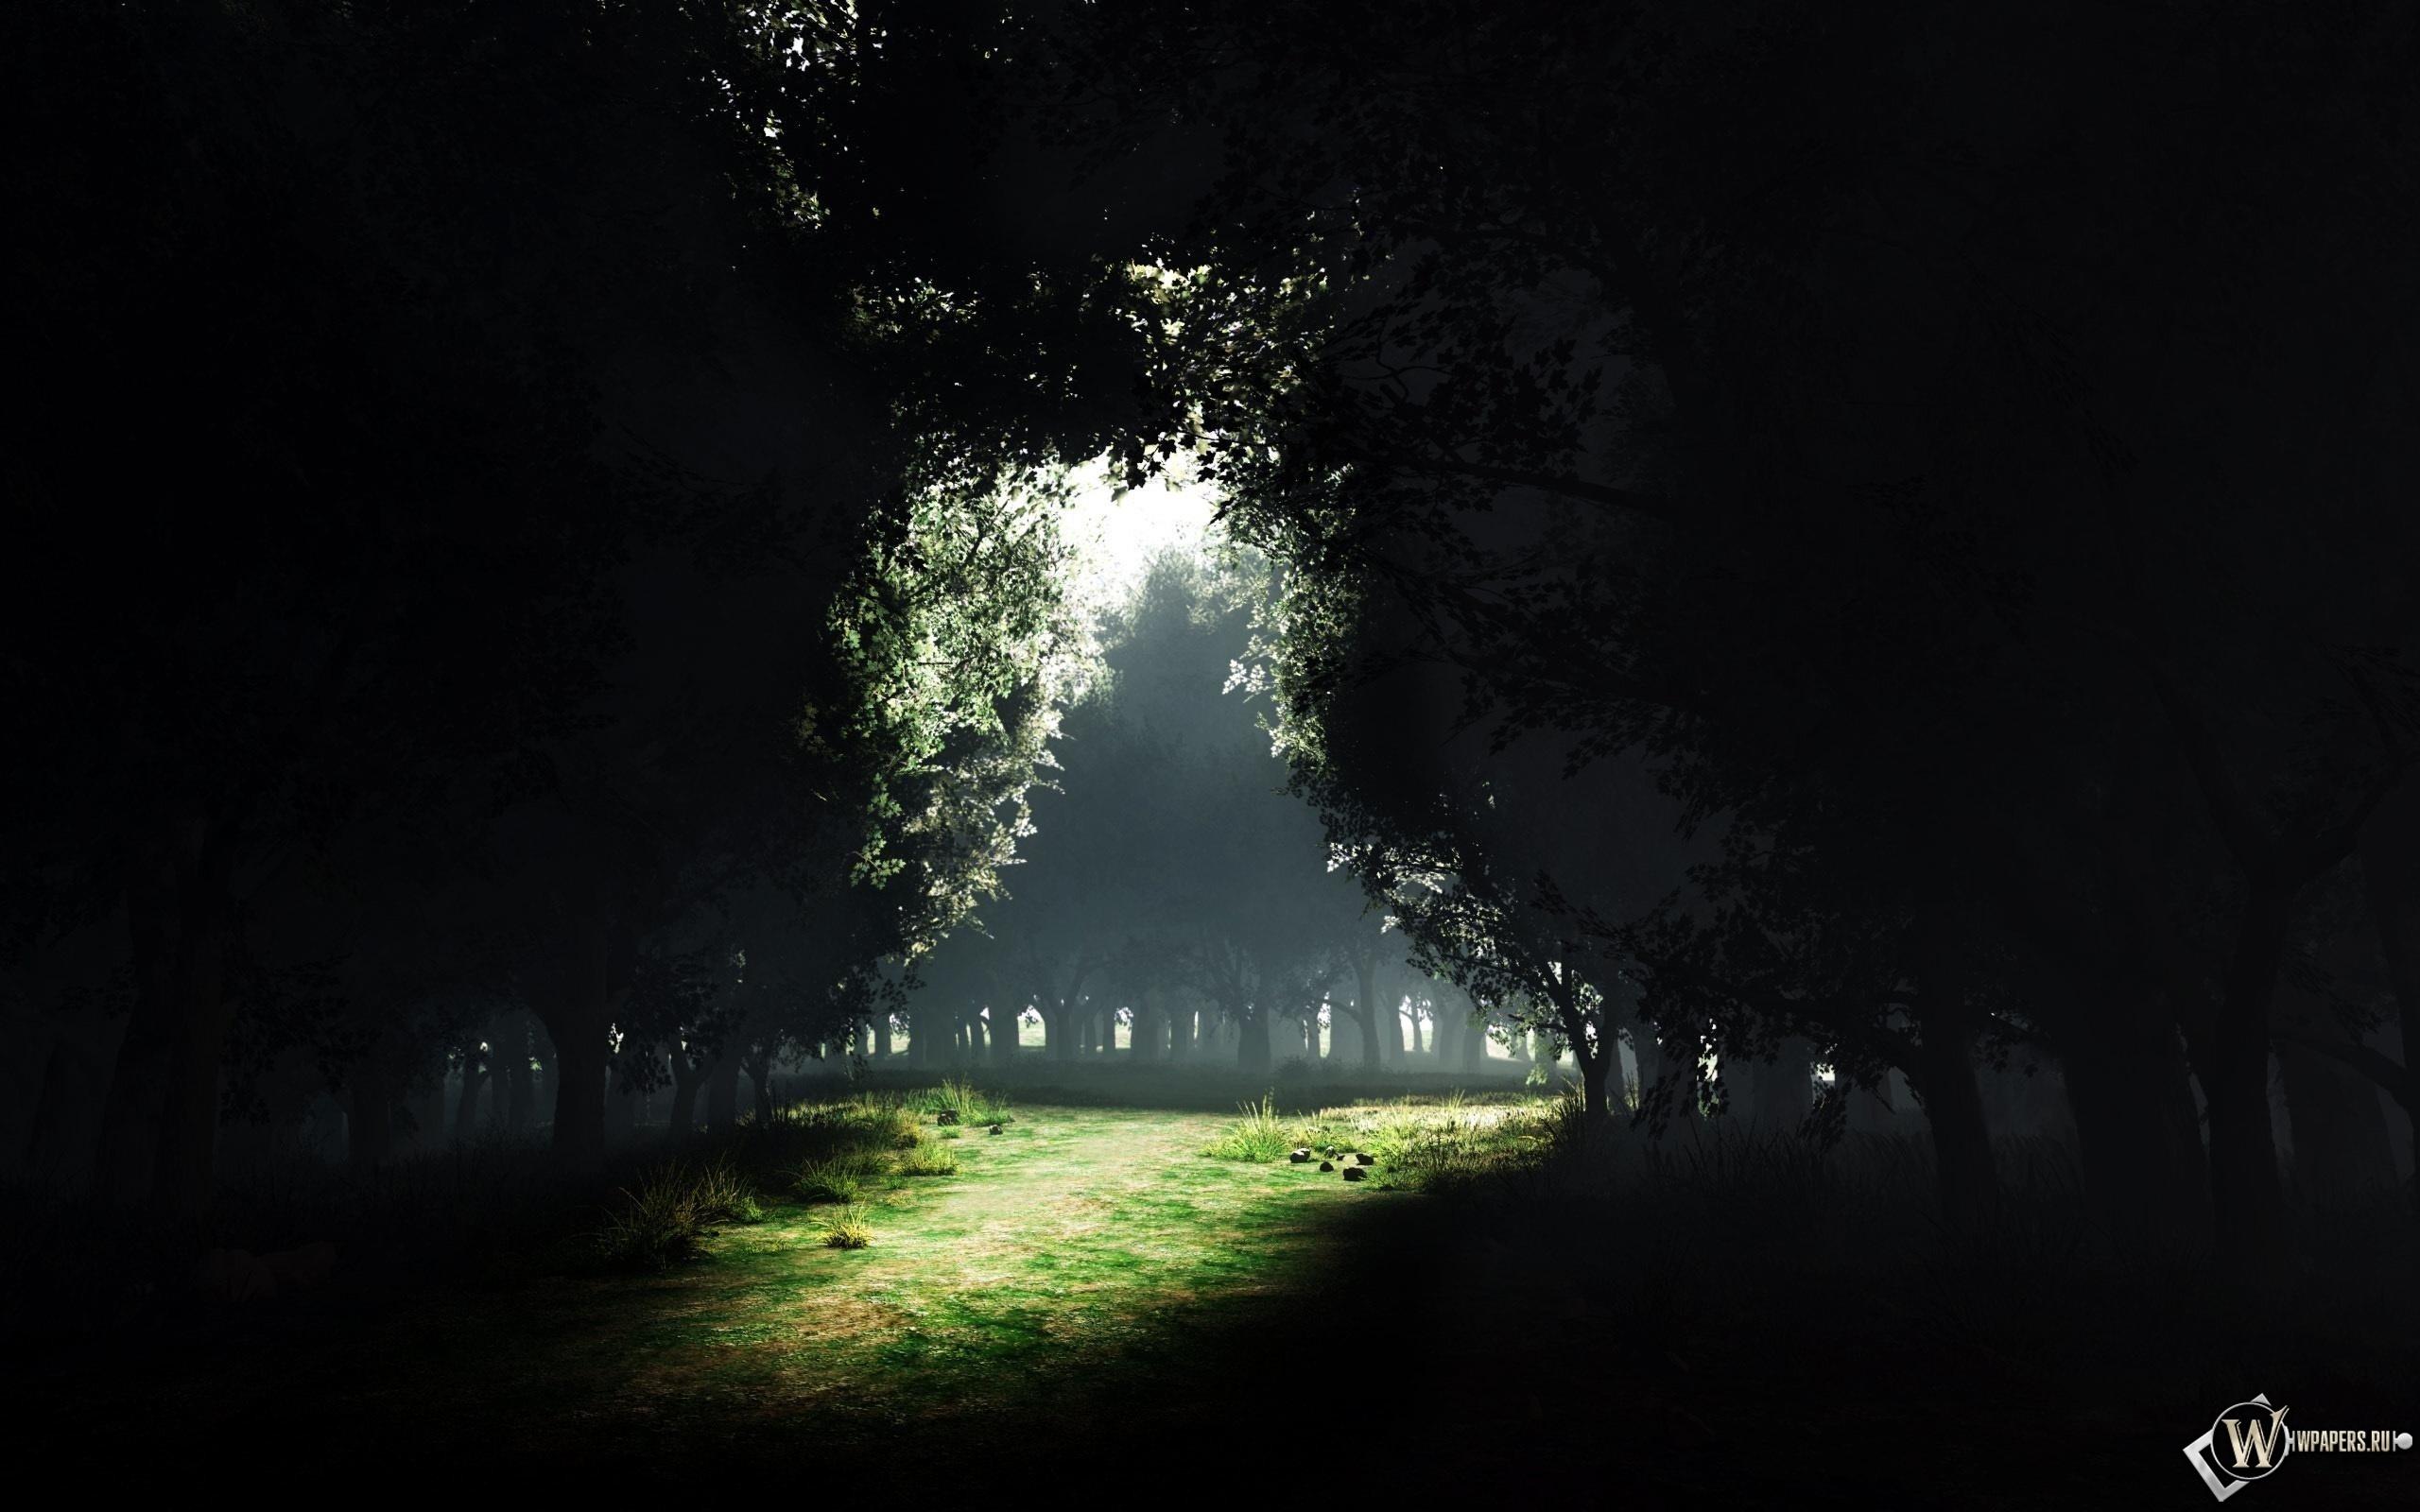 Поляна в густом лесу 2560x1600